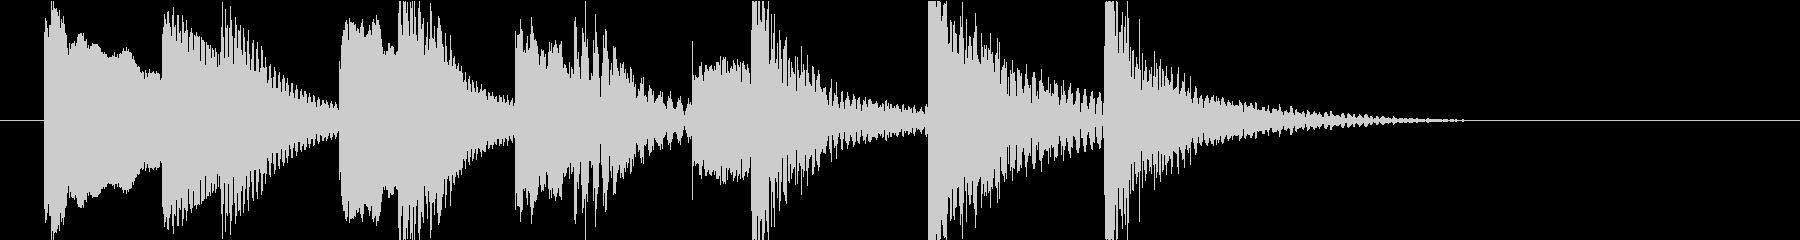 コミカルアイキャッチの未再生の波形